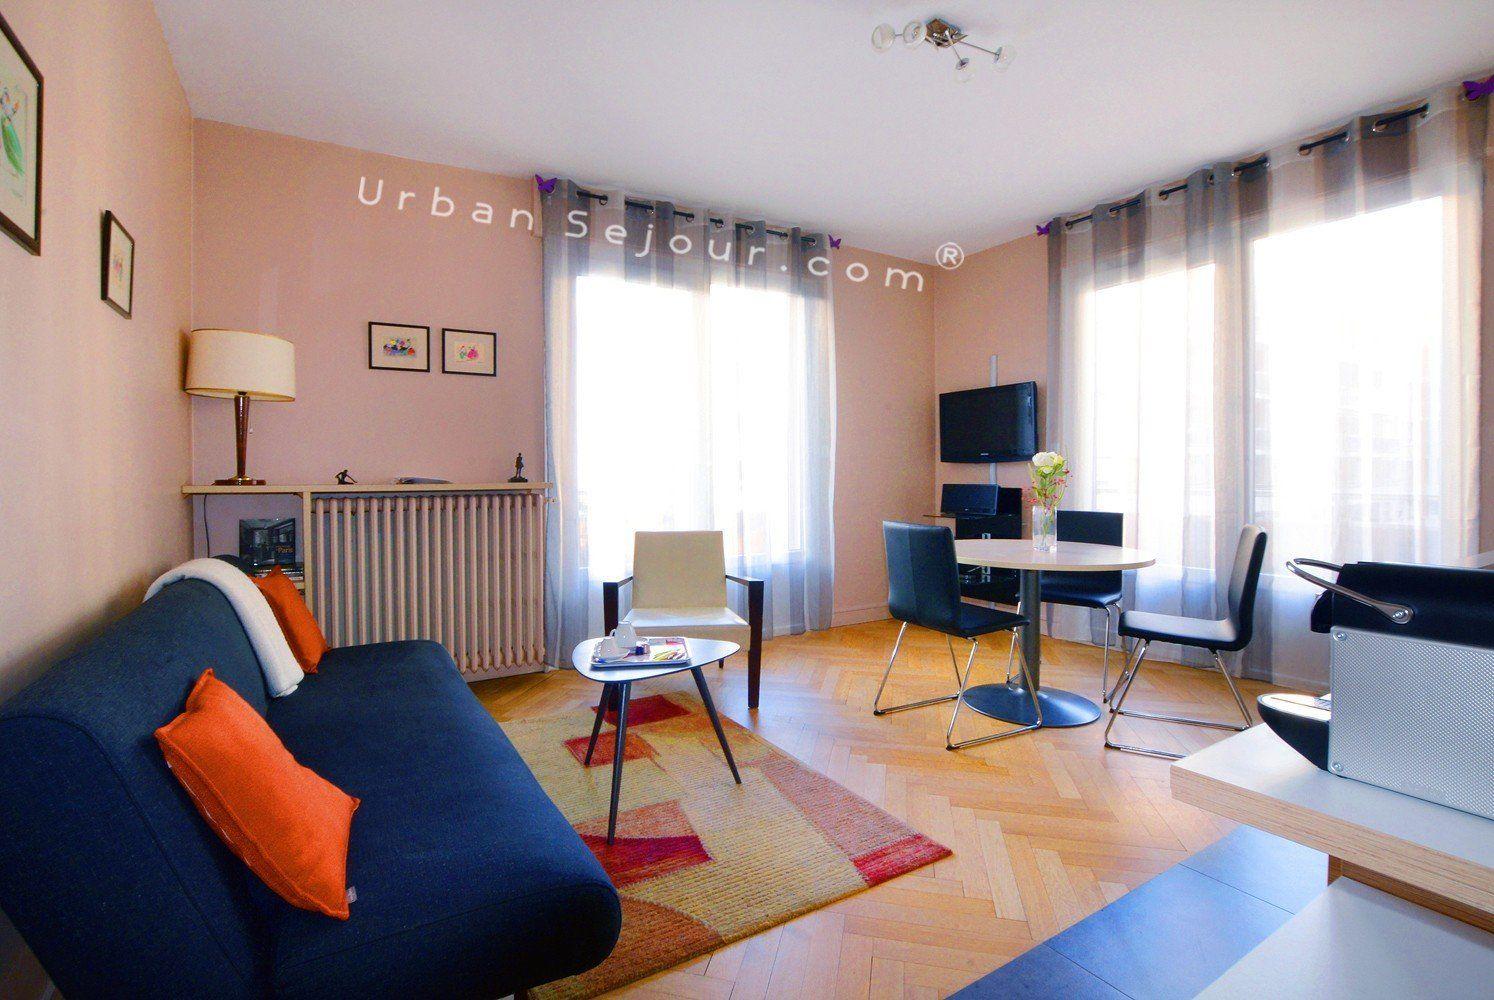 Location appartement meubl avec 1 chambre location saisonni re lyon 3 vend me pr fecture - Location studio meuble lyon 3 ...